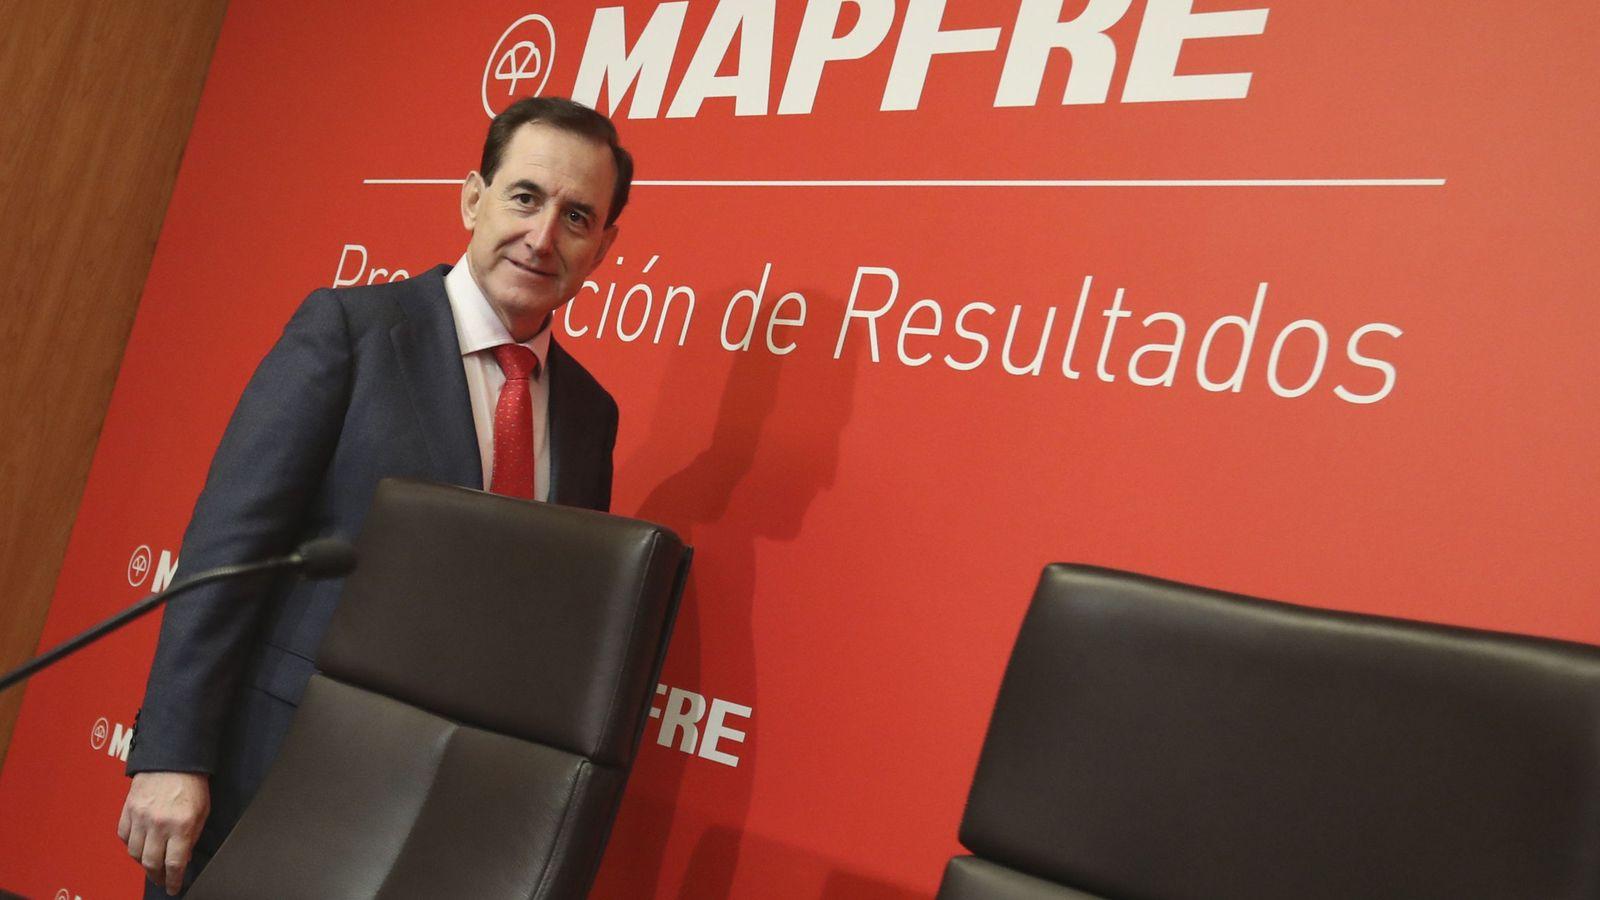 Foto: El presidente de Mapfre, Antonio Huertas, durante la rueda de prensa en la que ofreció los resultados del grupo. (EFE)